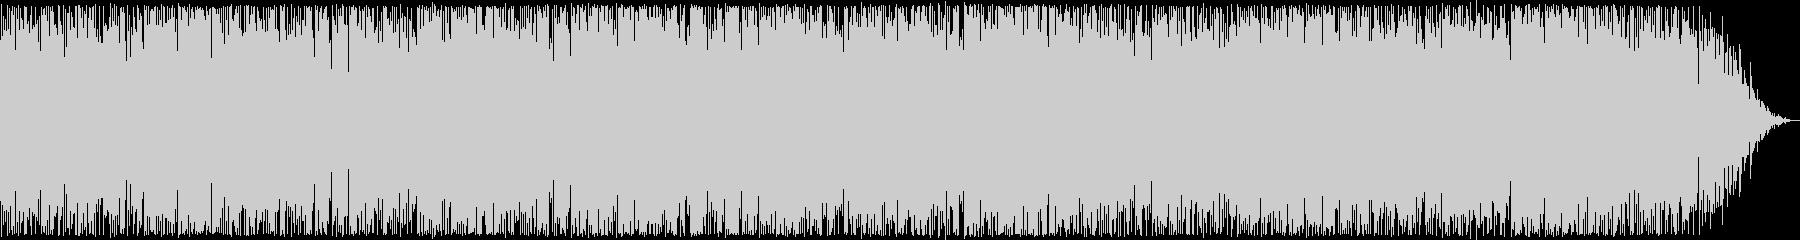 お洒落なトランペットシンセサウンドの未再生の波形